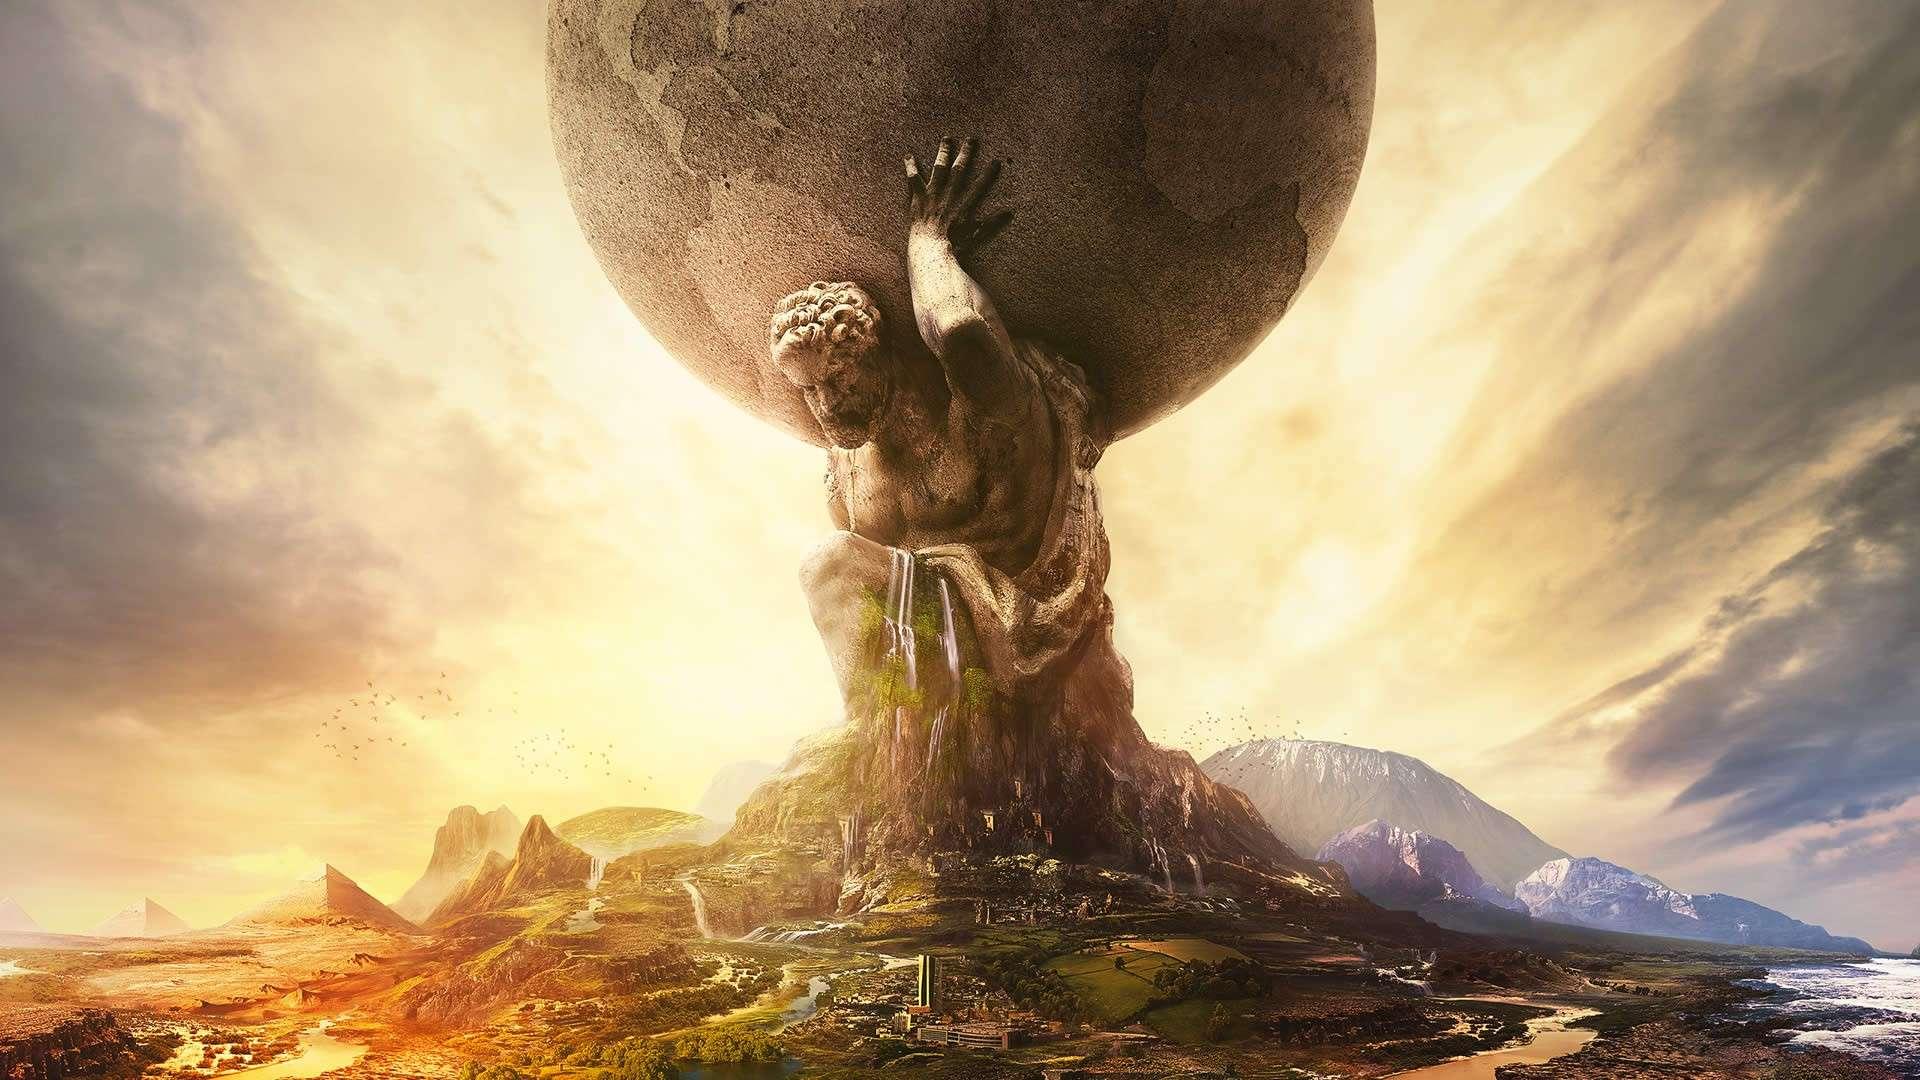 文明6游戏截图欣赏 众国度争霸文明巅峰